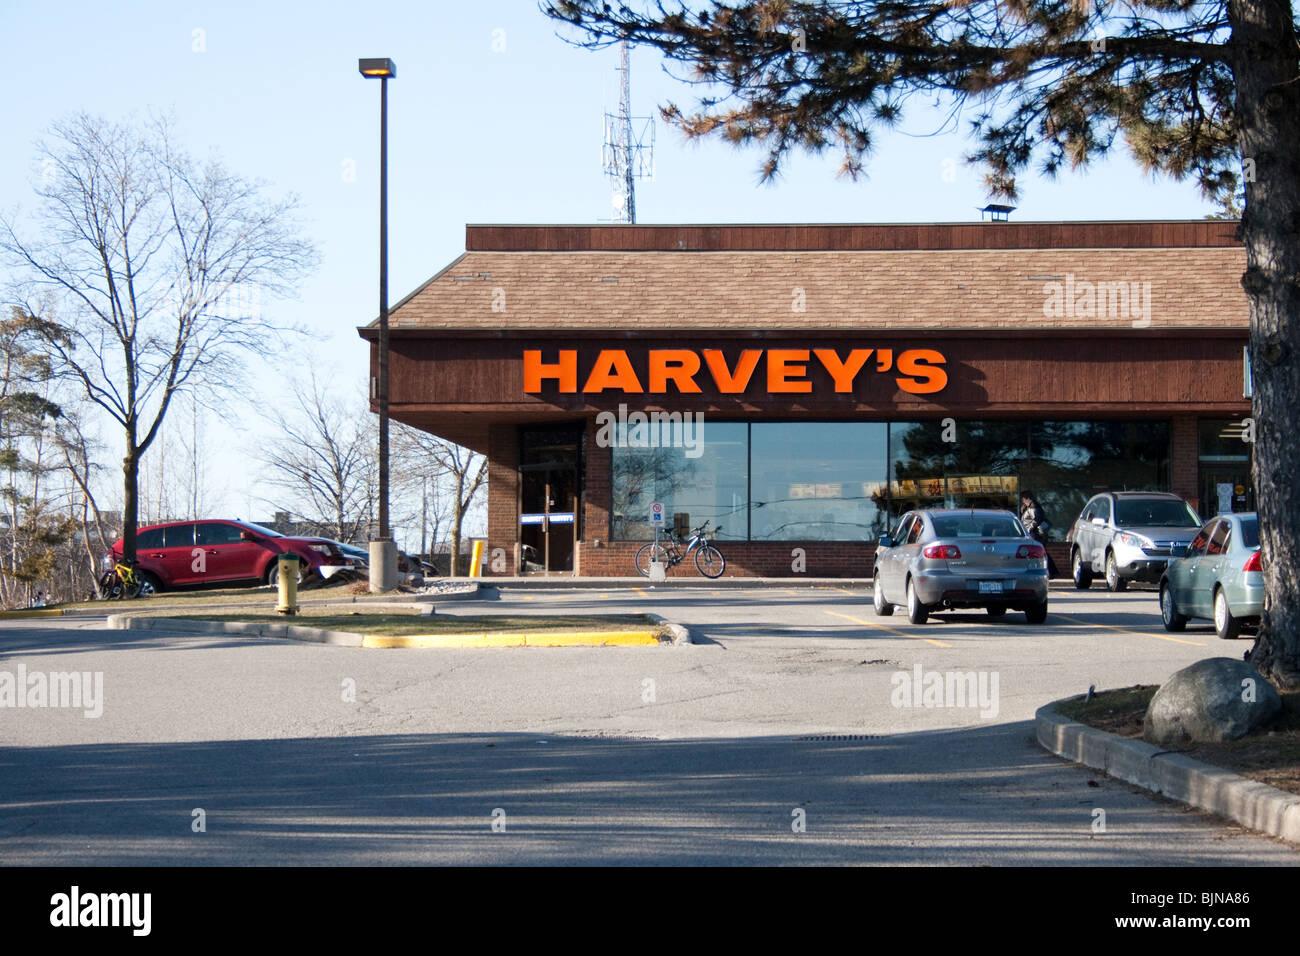 """Harvey Harveys """"Harveys"""" Fast-Food Burger Restaurant ungesunde Pommes Koks ölige Fett Mcdonald Burger Stockbild"""